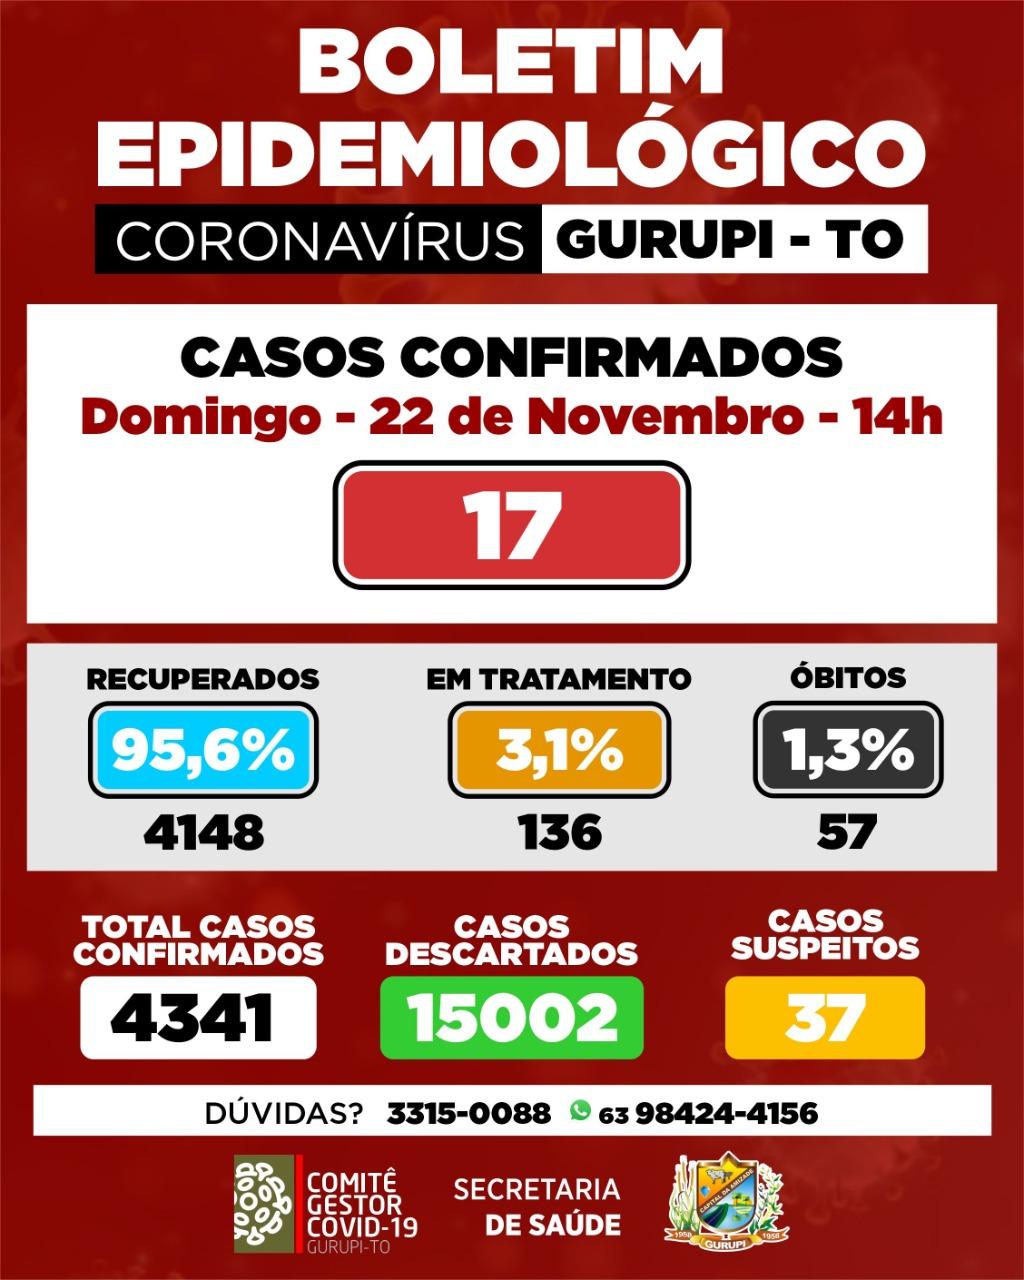 Gurupi confirma 17 novos casos de Covid-19 nas últimas 24h